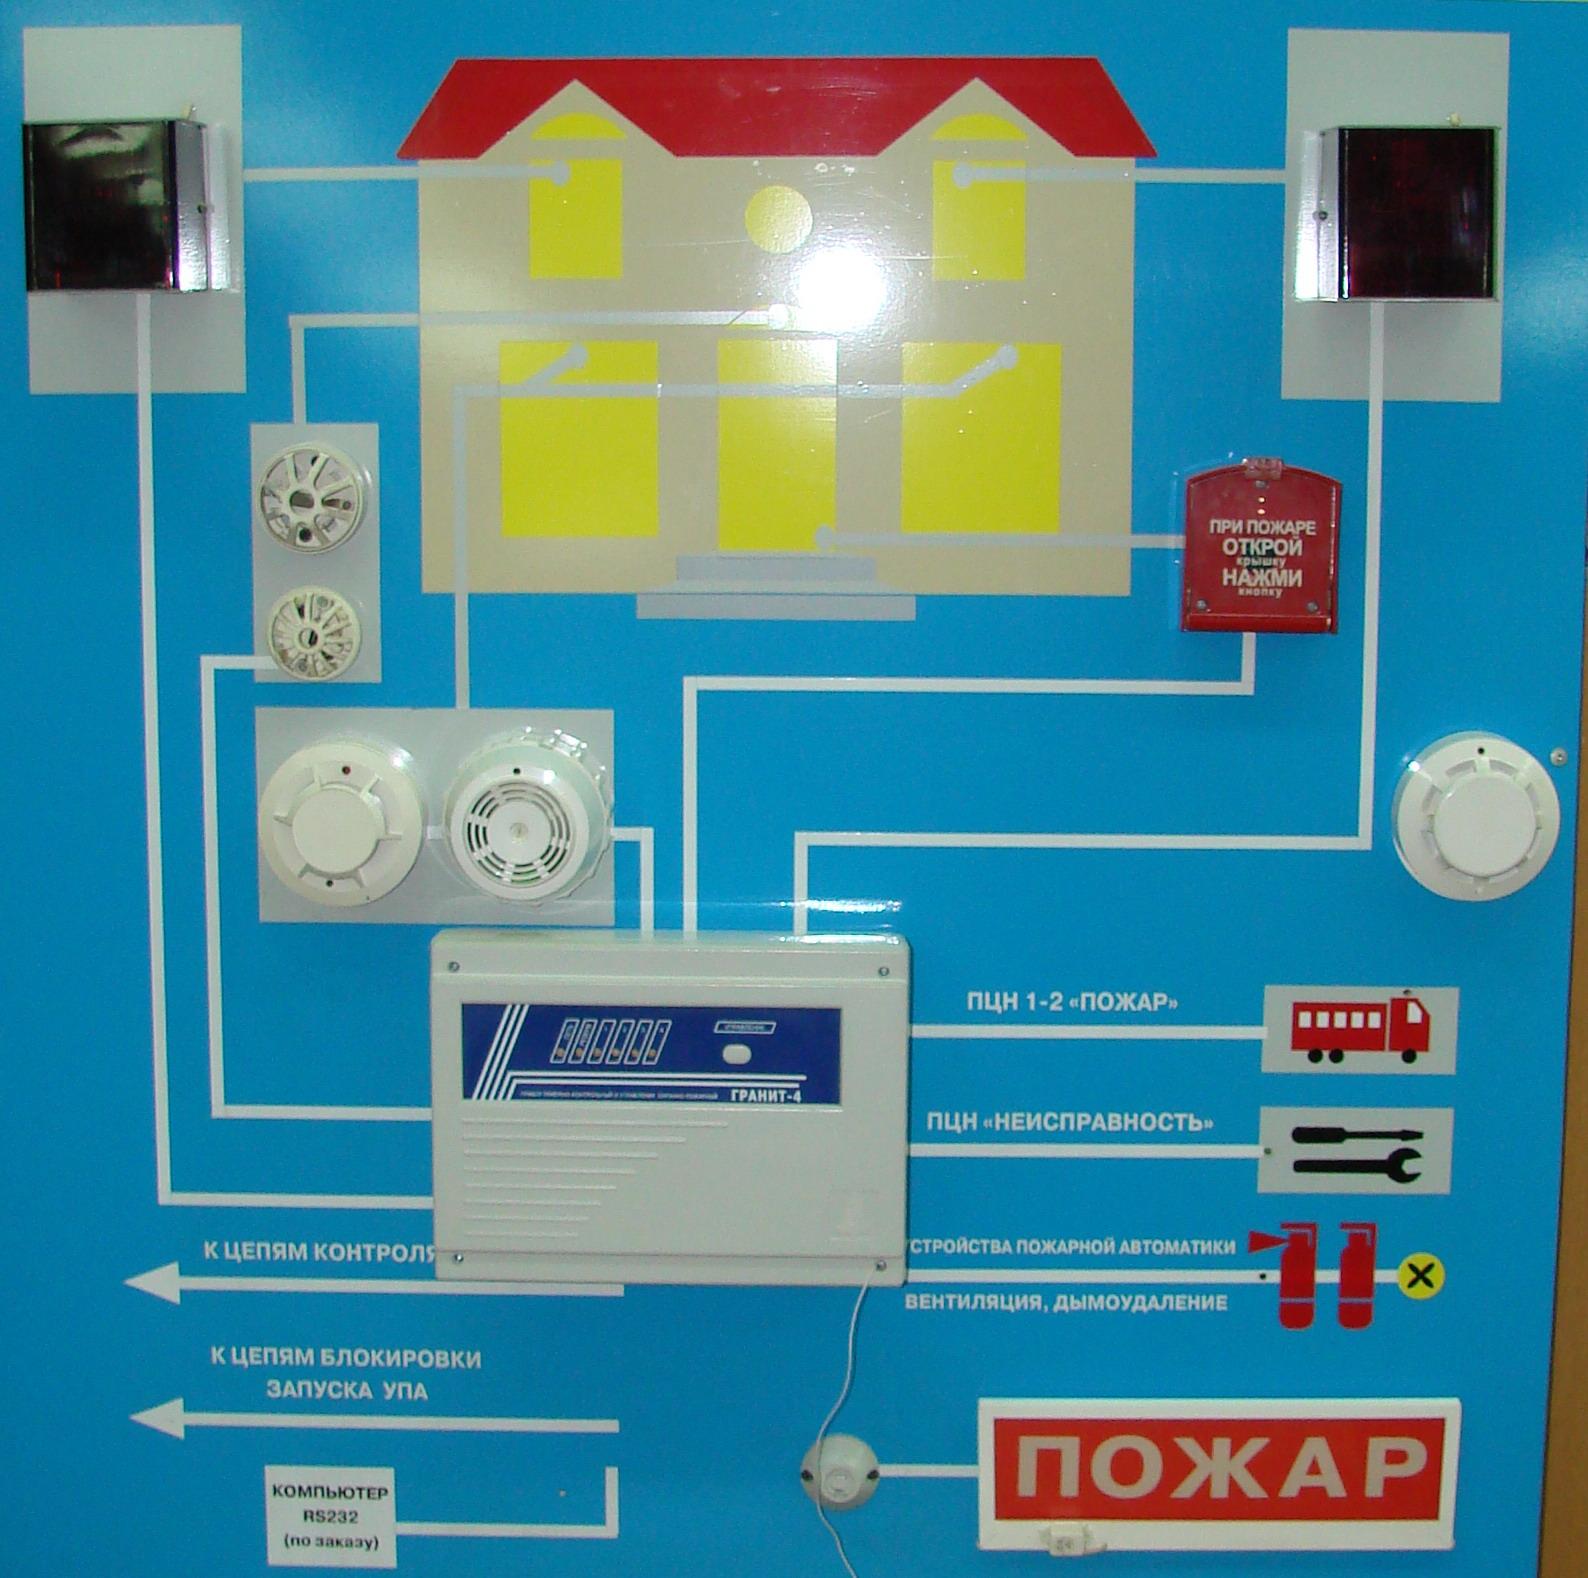 Доклад на тему автоматическая пожарная сигнализация 3388